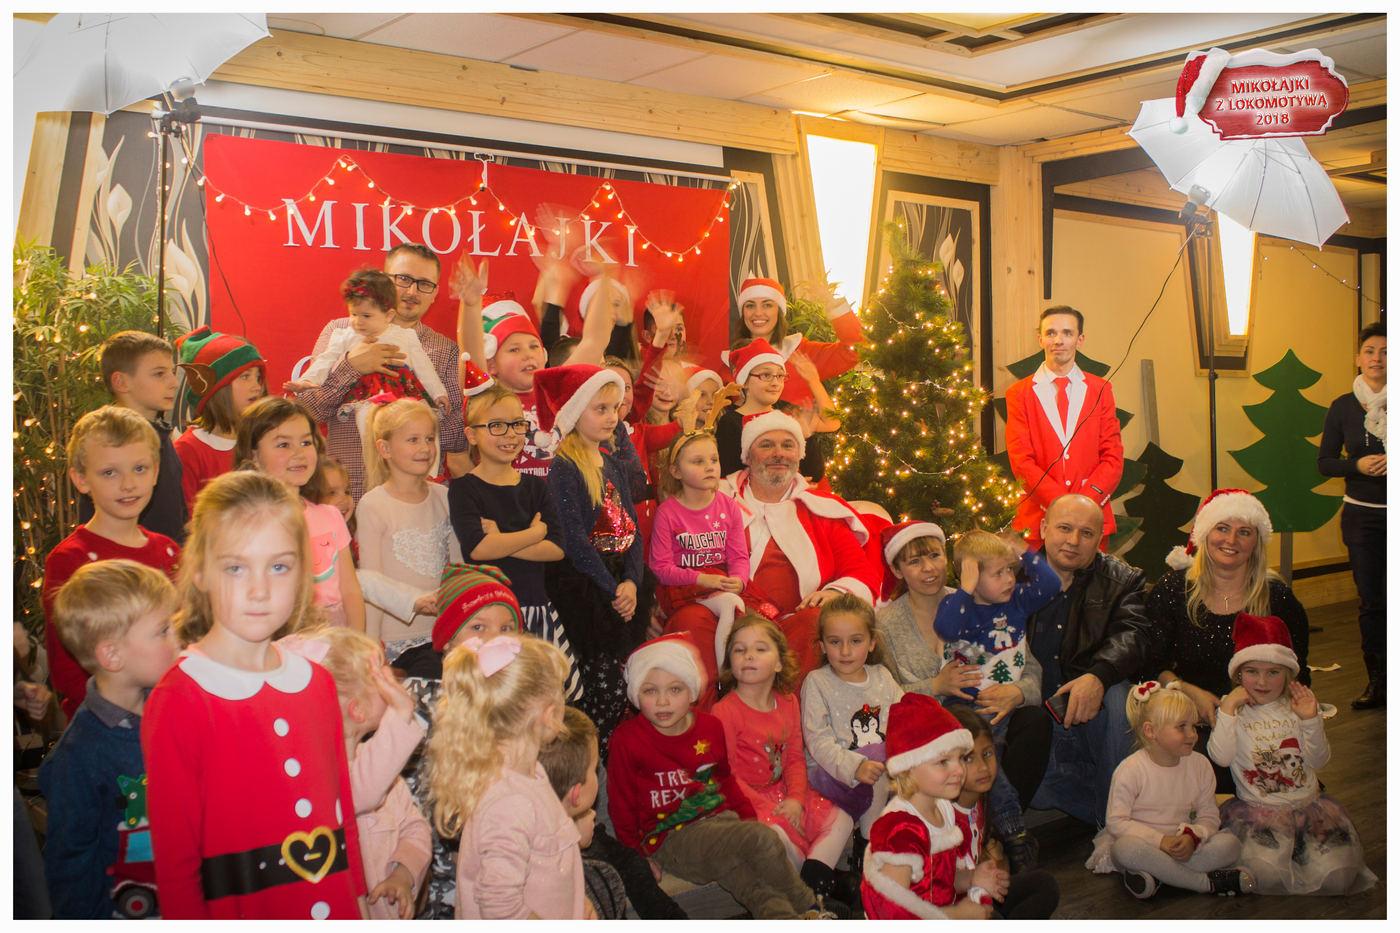 Mikolajki z Lokomotywa 2018183.jpg